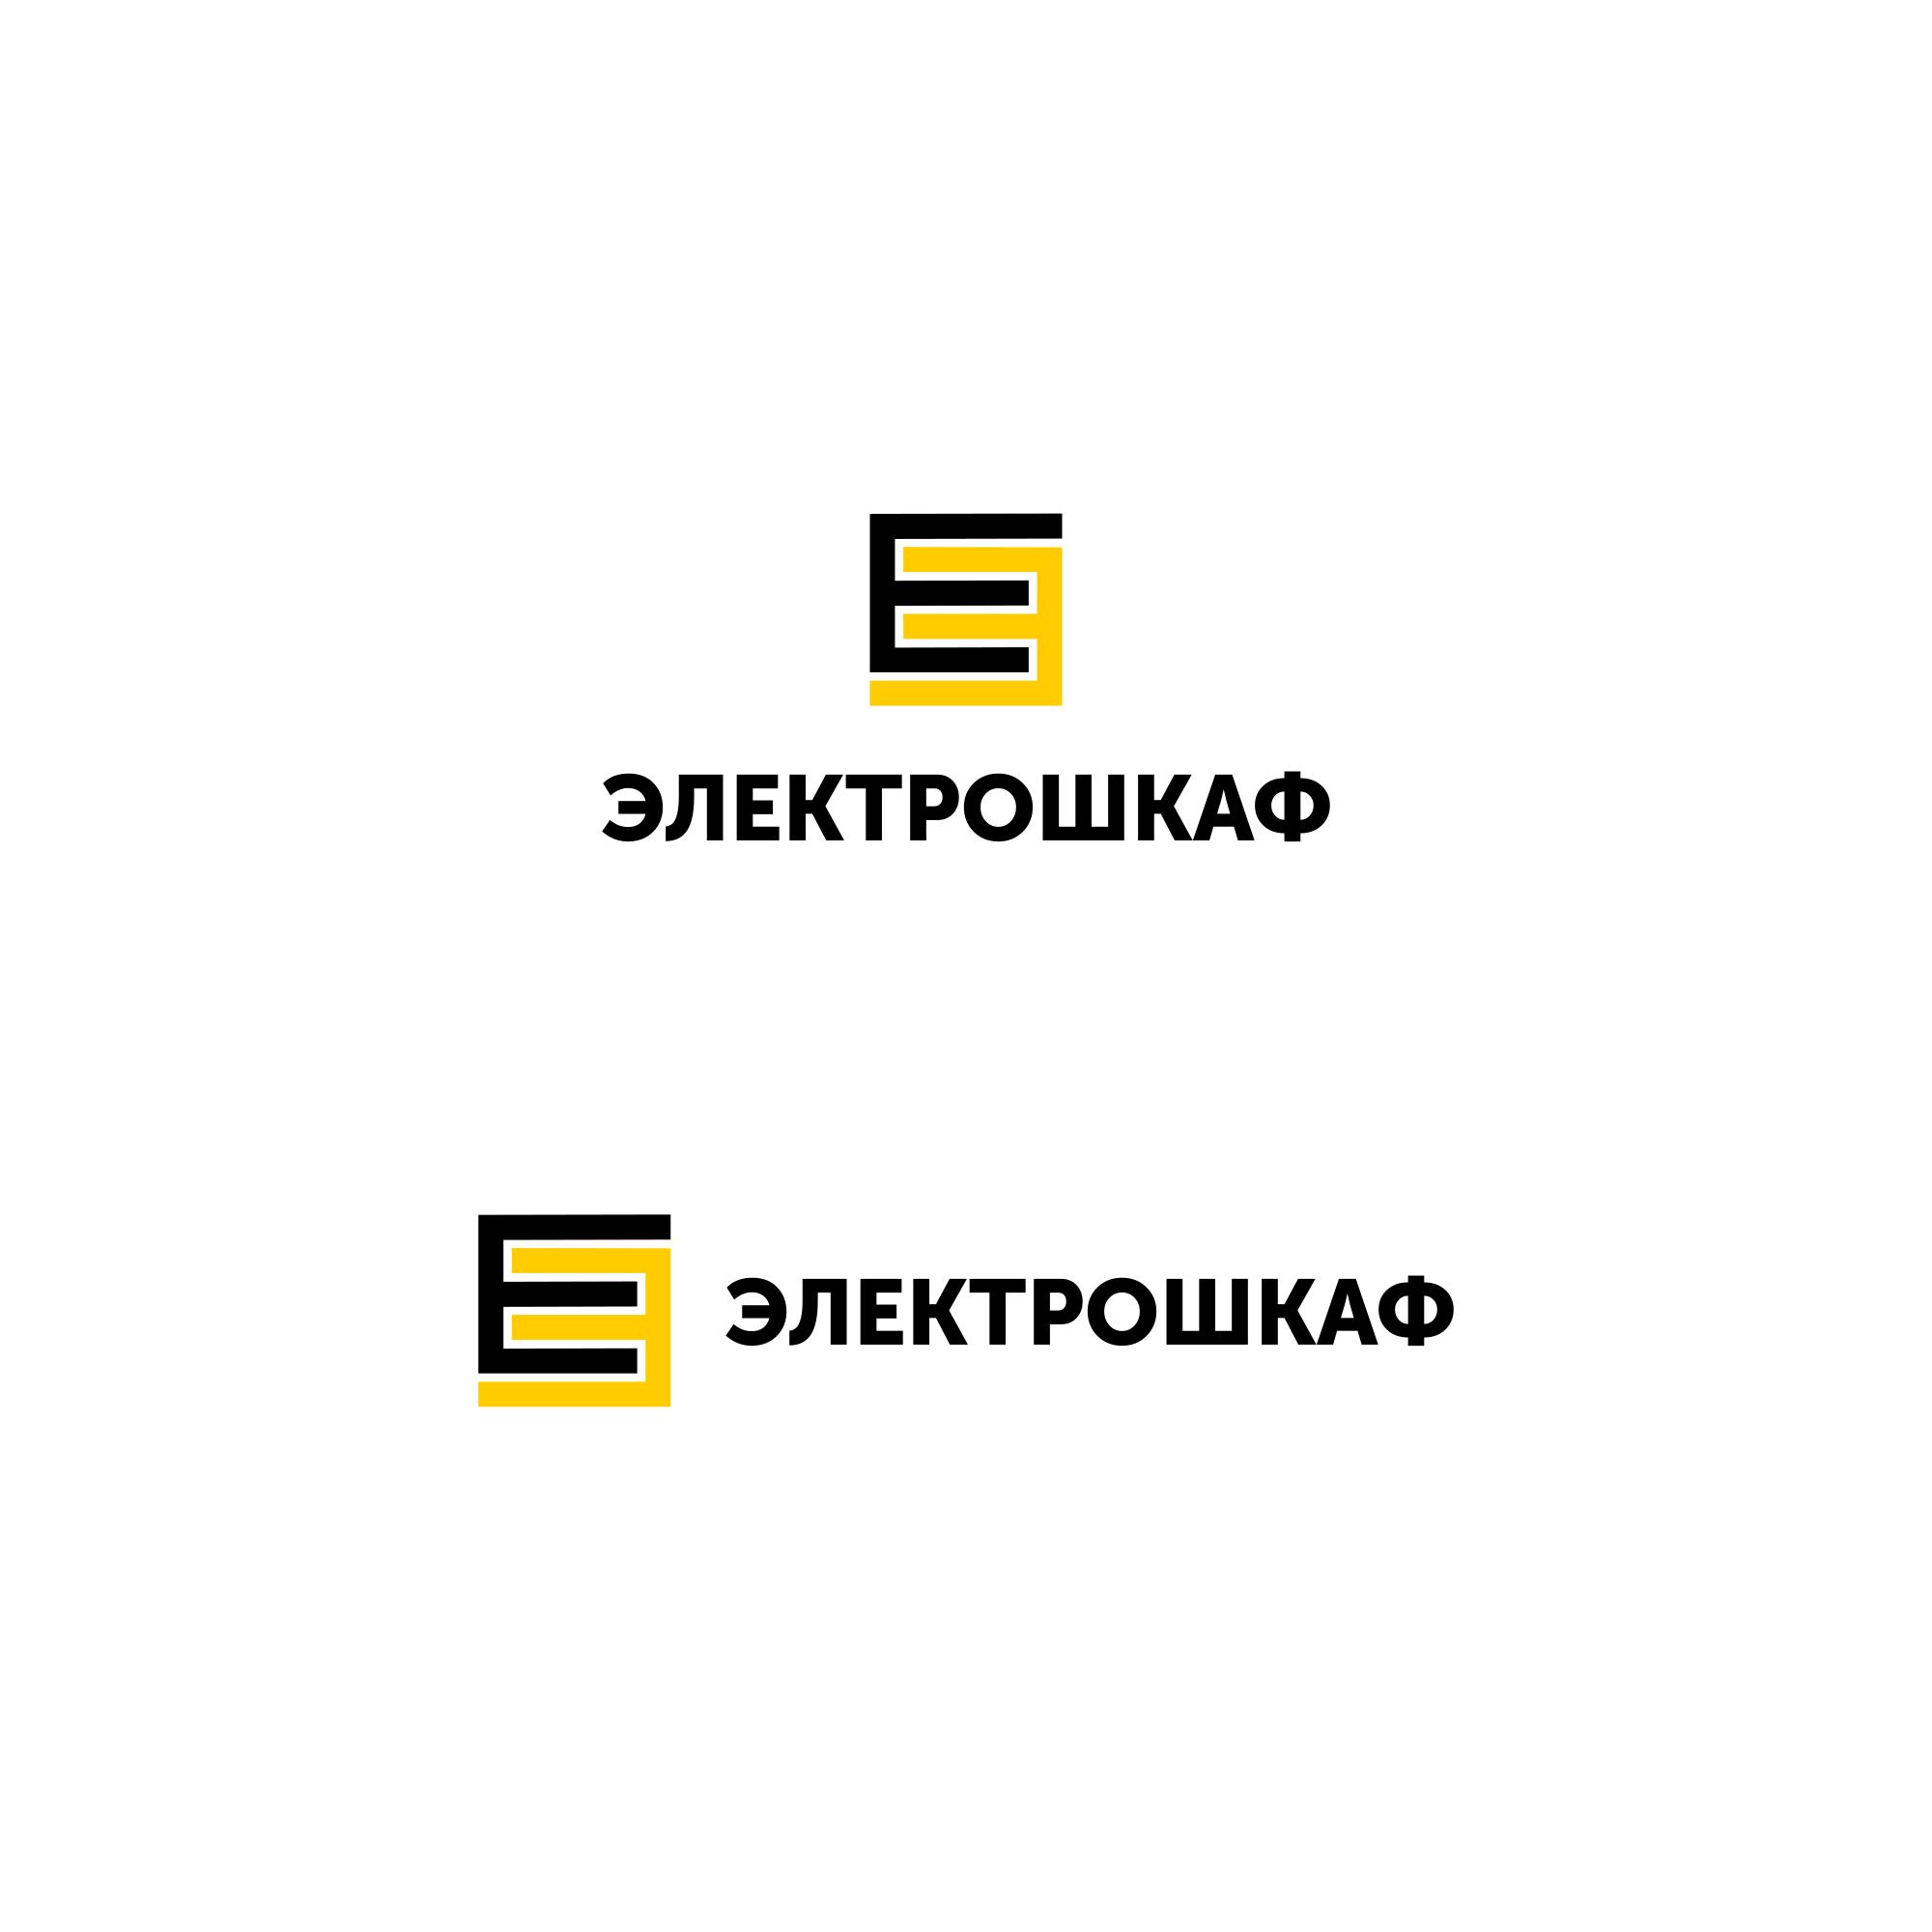 Разработать логотип для завода по производству электрощитов фото f_6405b6e026c0693a.png